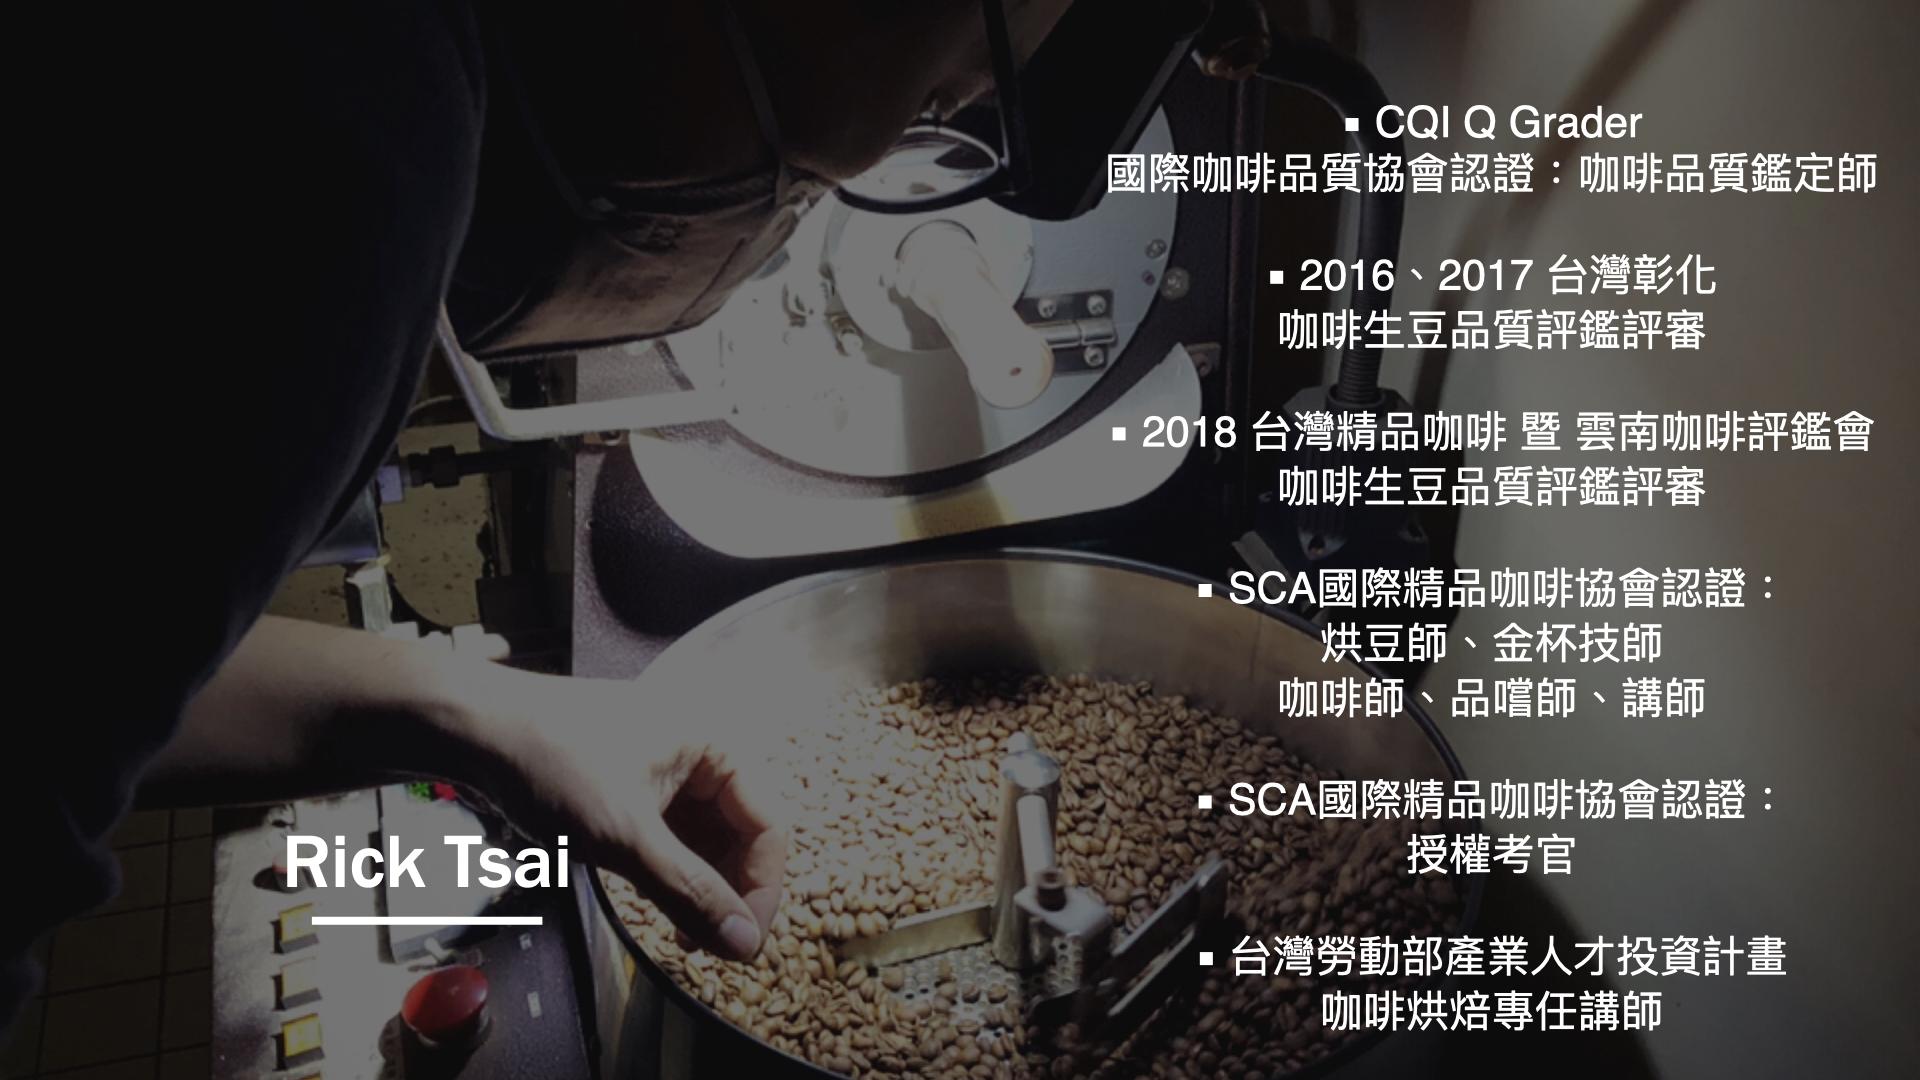 SCA國際認證烘豆師,台灣咖啡烘豆師